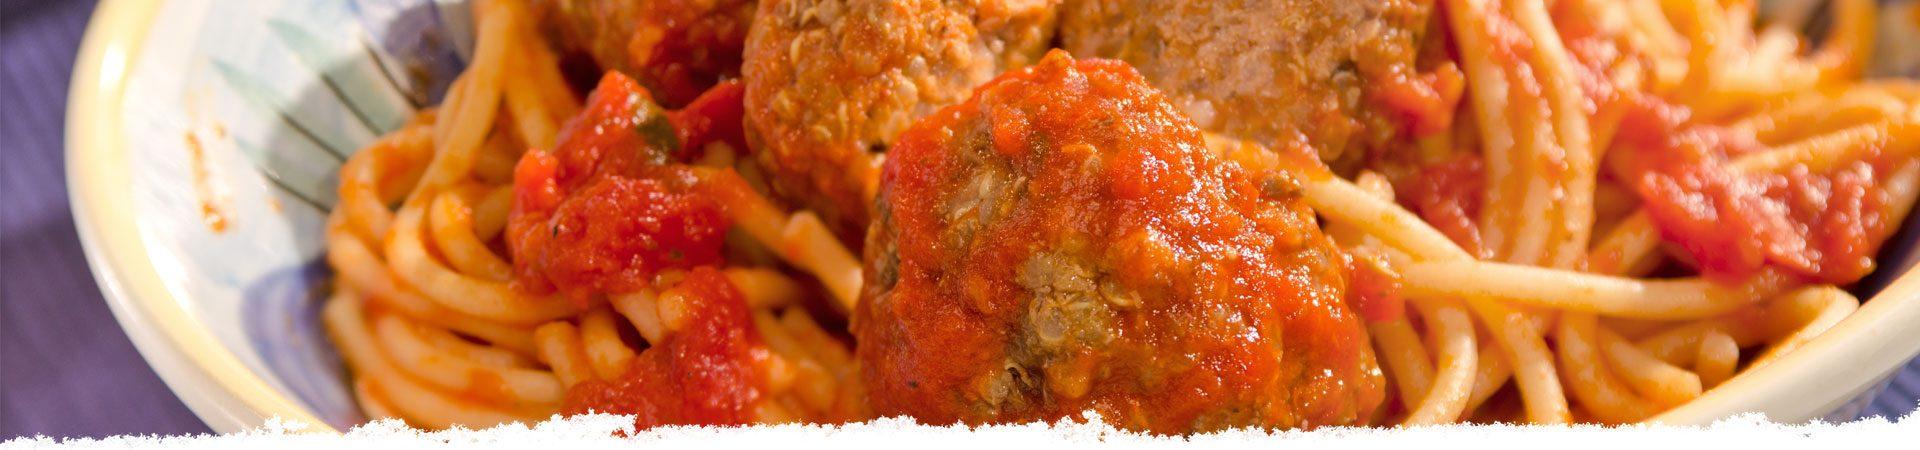 Spaghetti & Quinoa Meatballs